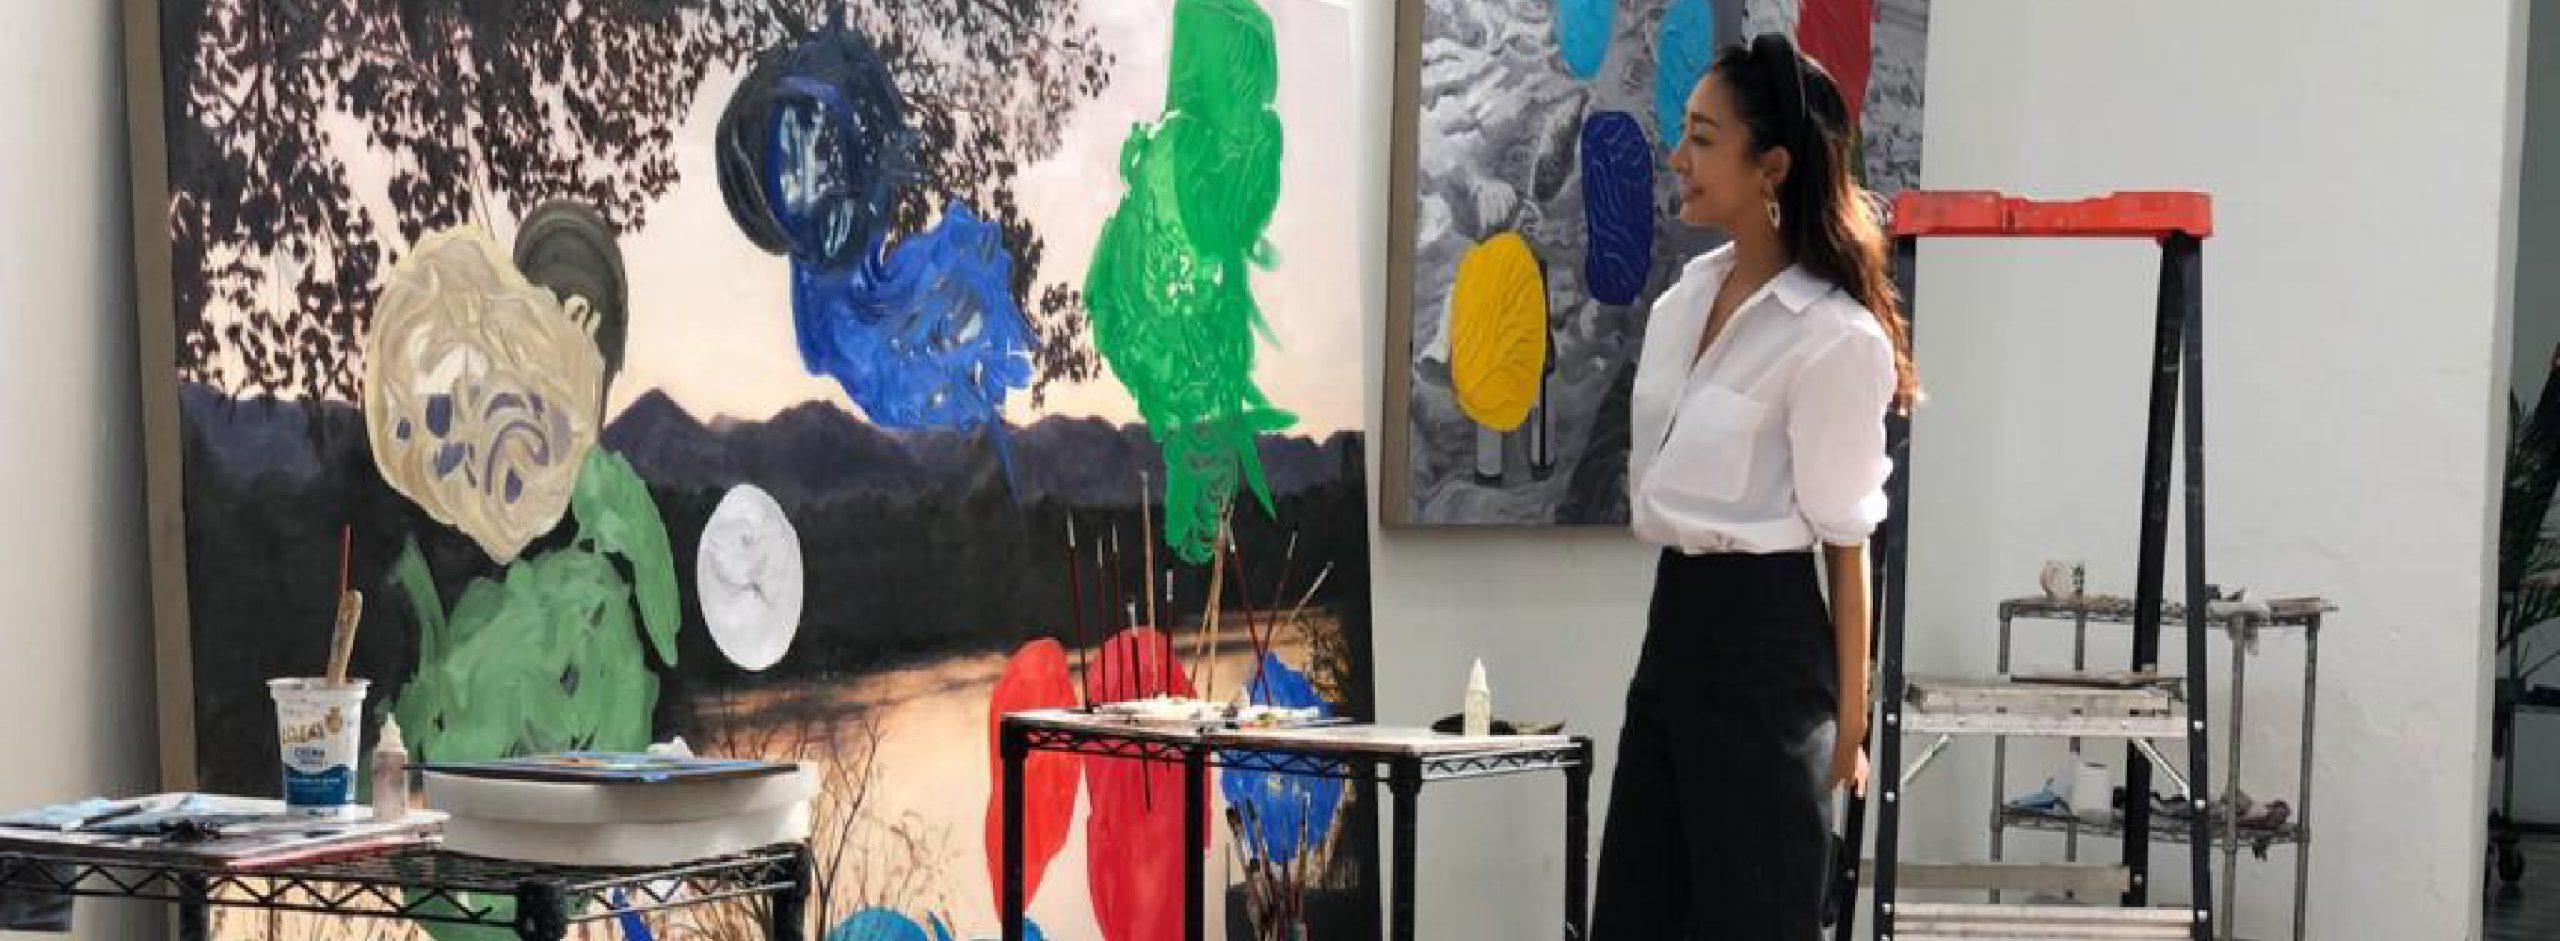 世界を旅する起業家・アートディーラーの安田有里さんが、アートと共に生きる醍醐味とは